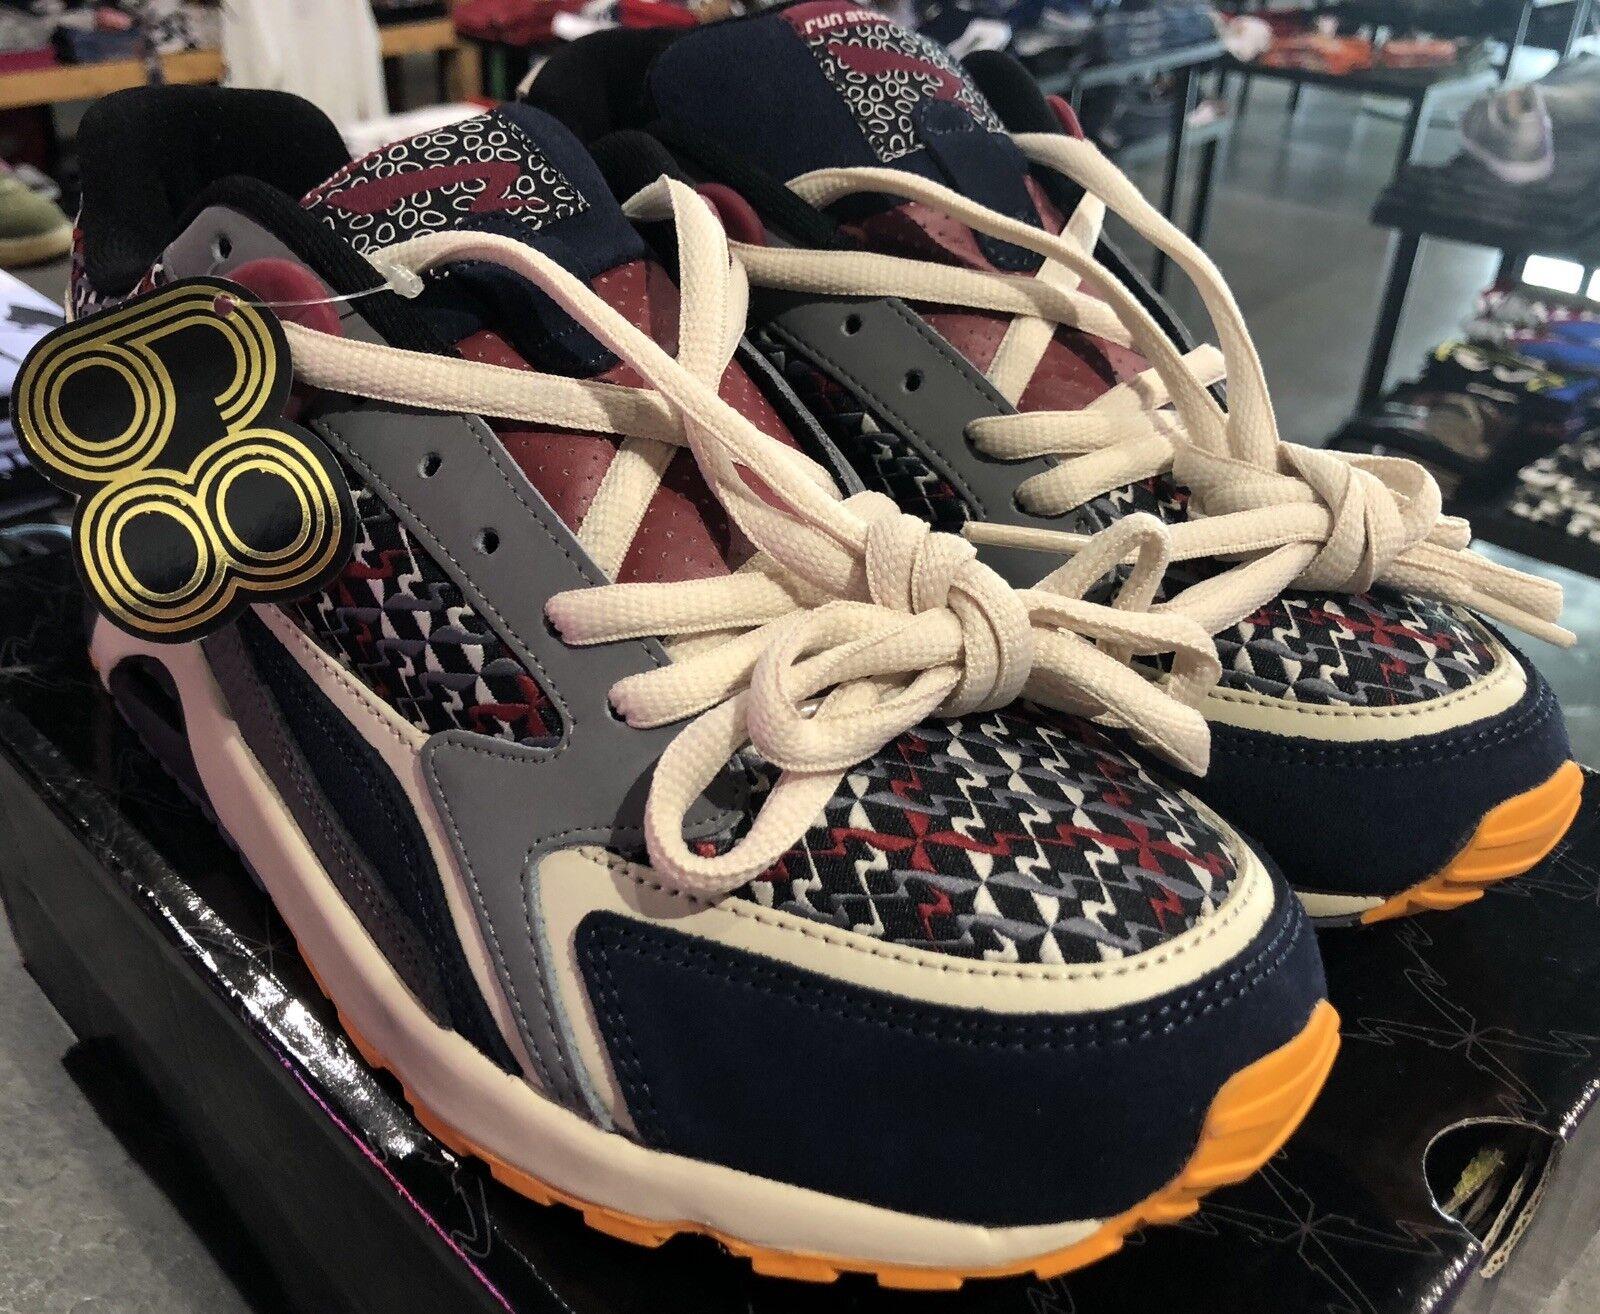 Brand New Rare Run Run Athletic '68' Style scarpe scarpe scarpe da ginnastica In Tan grigio Sz. 10 b4d9d7